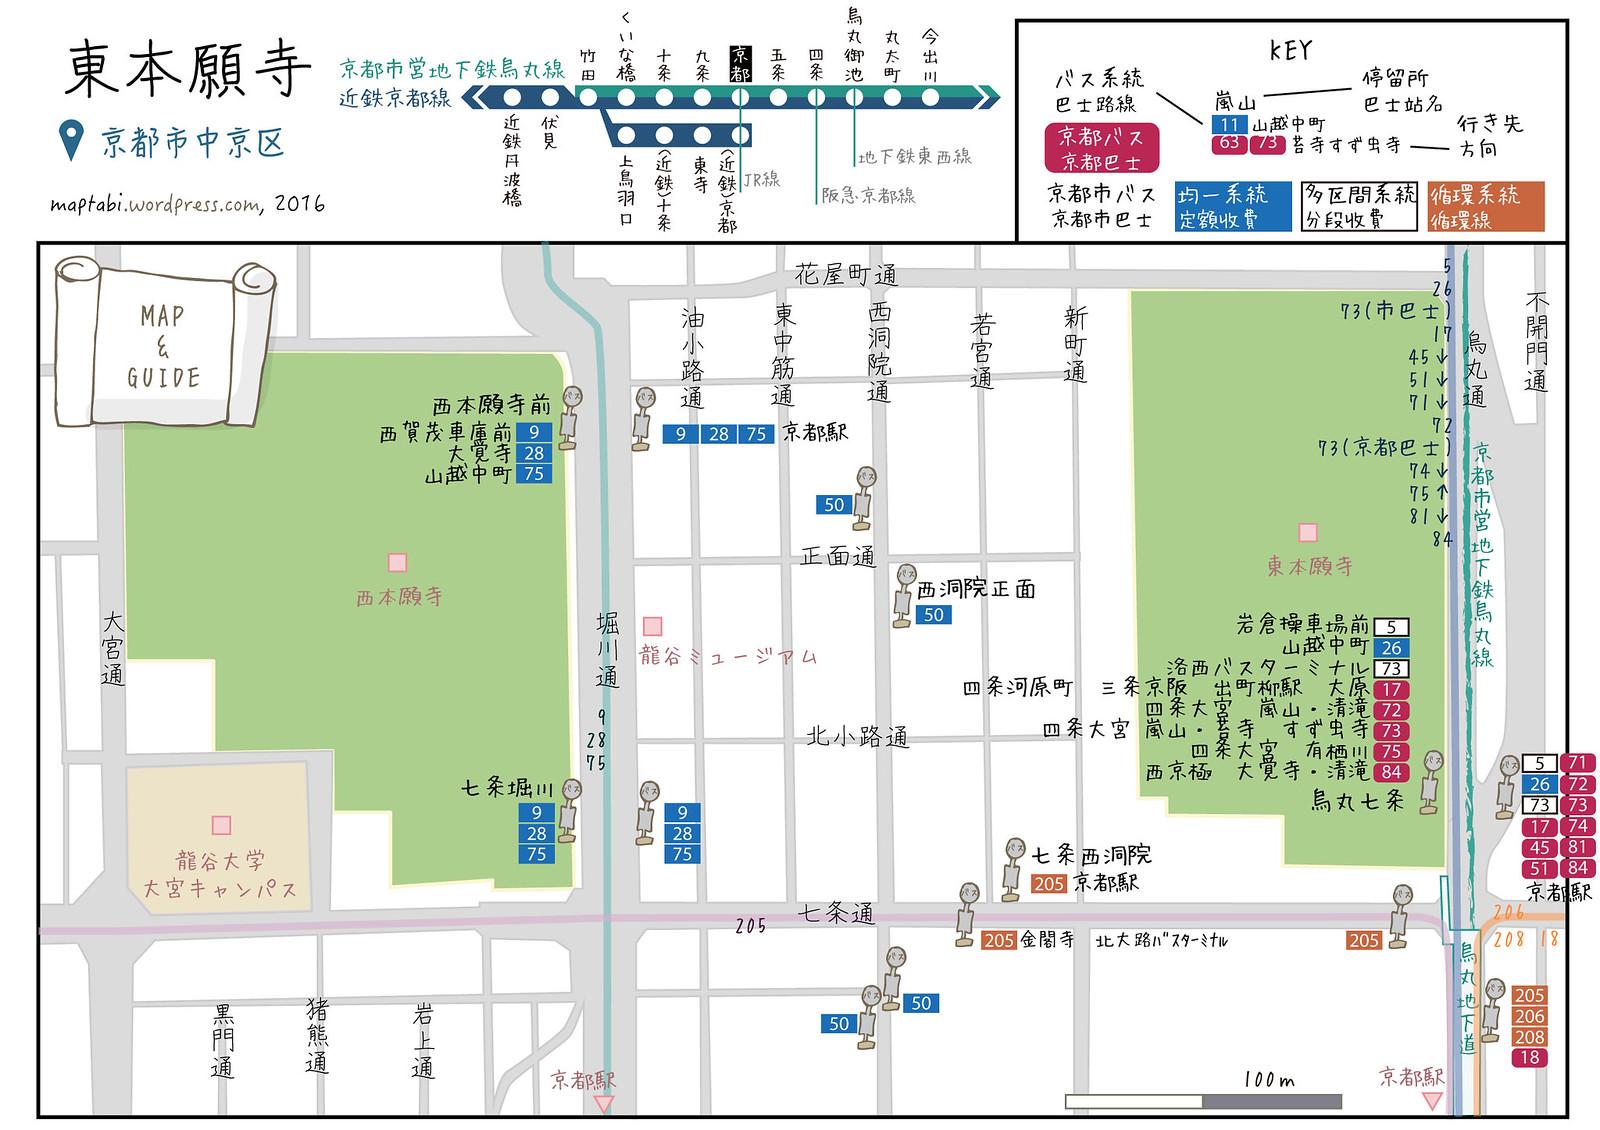 higashihonganji_map